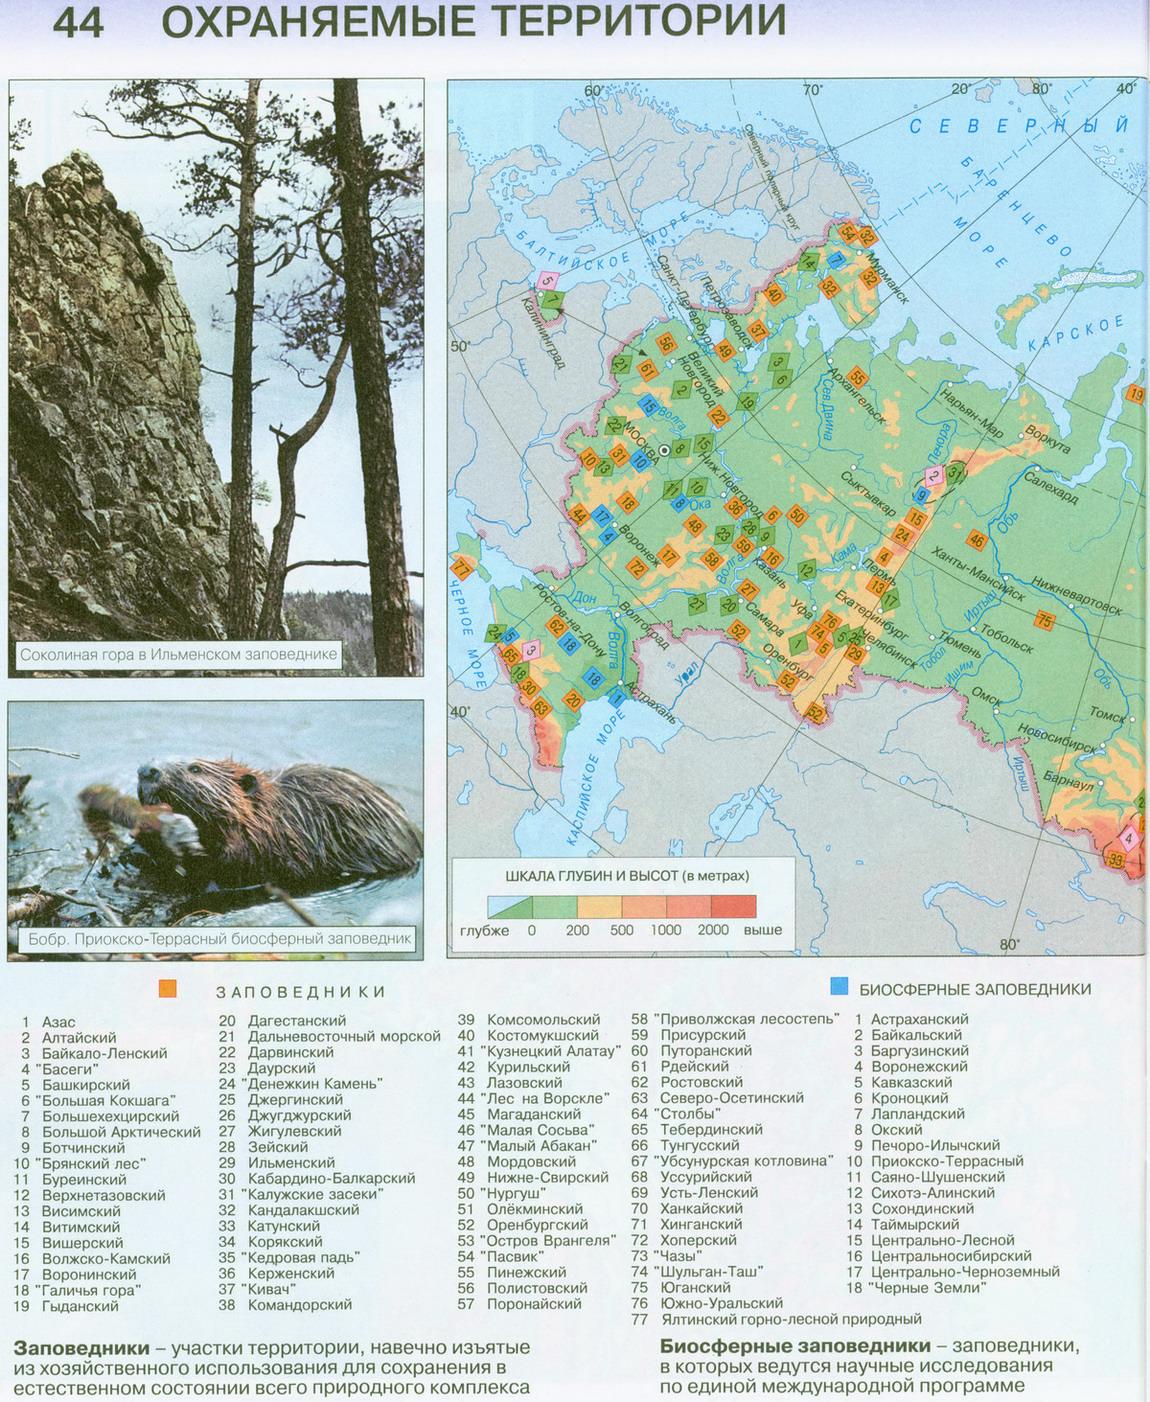 фото заповедники и национальные парки россии